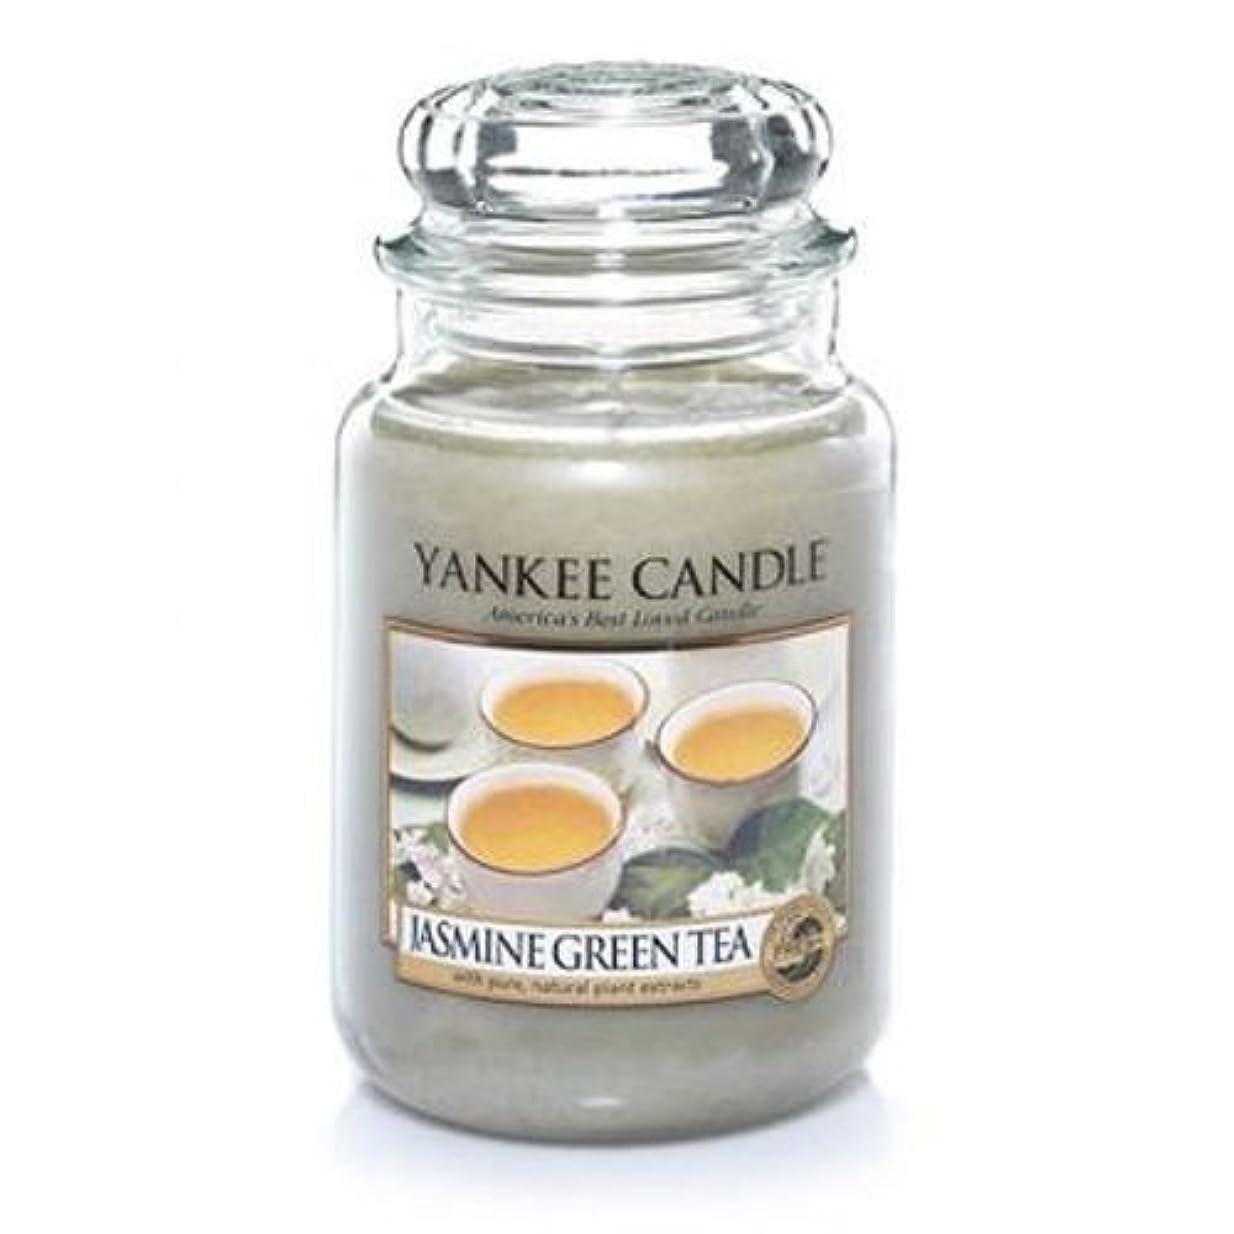 重なるシアー不完全Yankeeジャスミングリーンティー22oz Housewarmer Candle